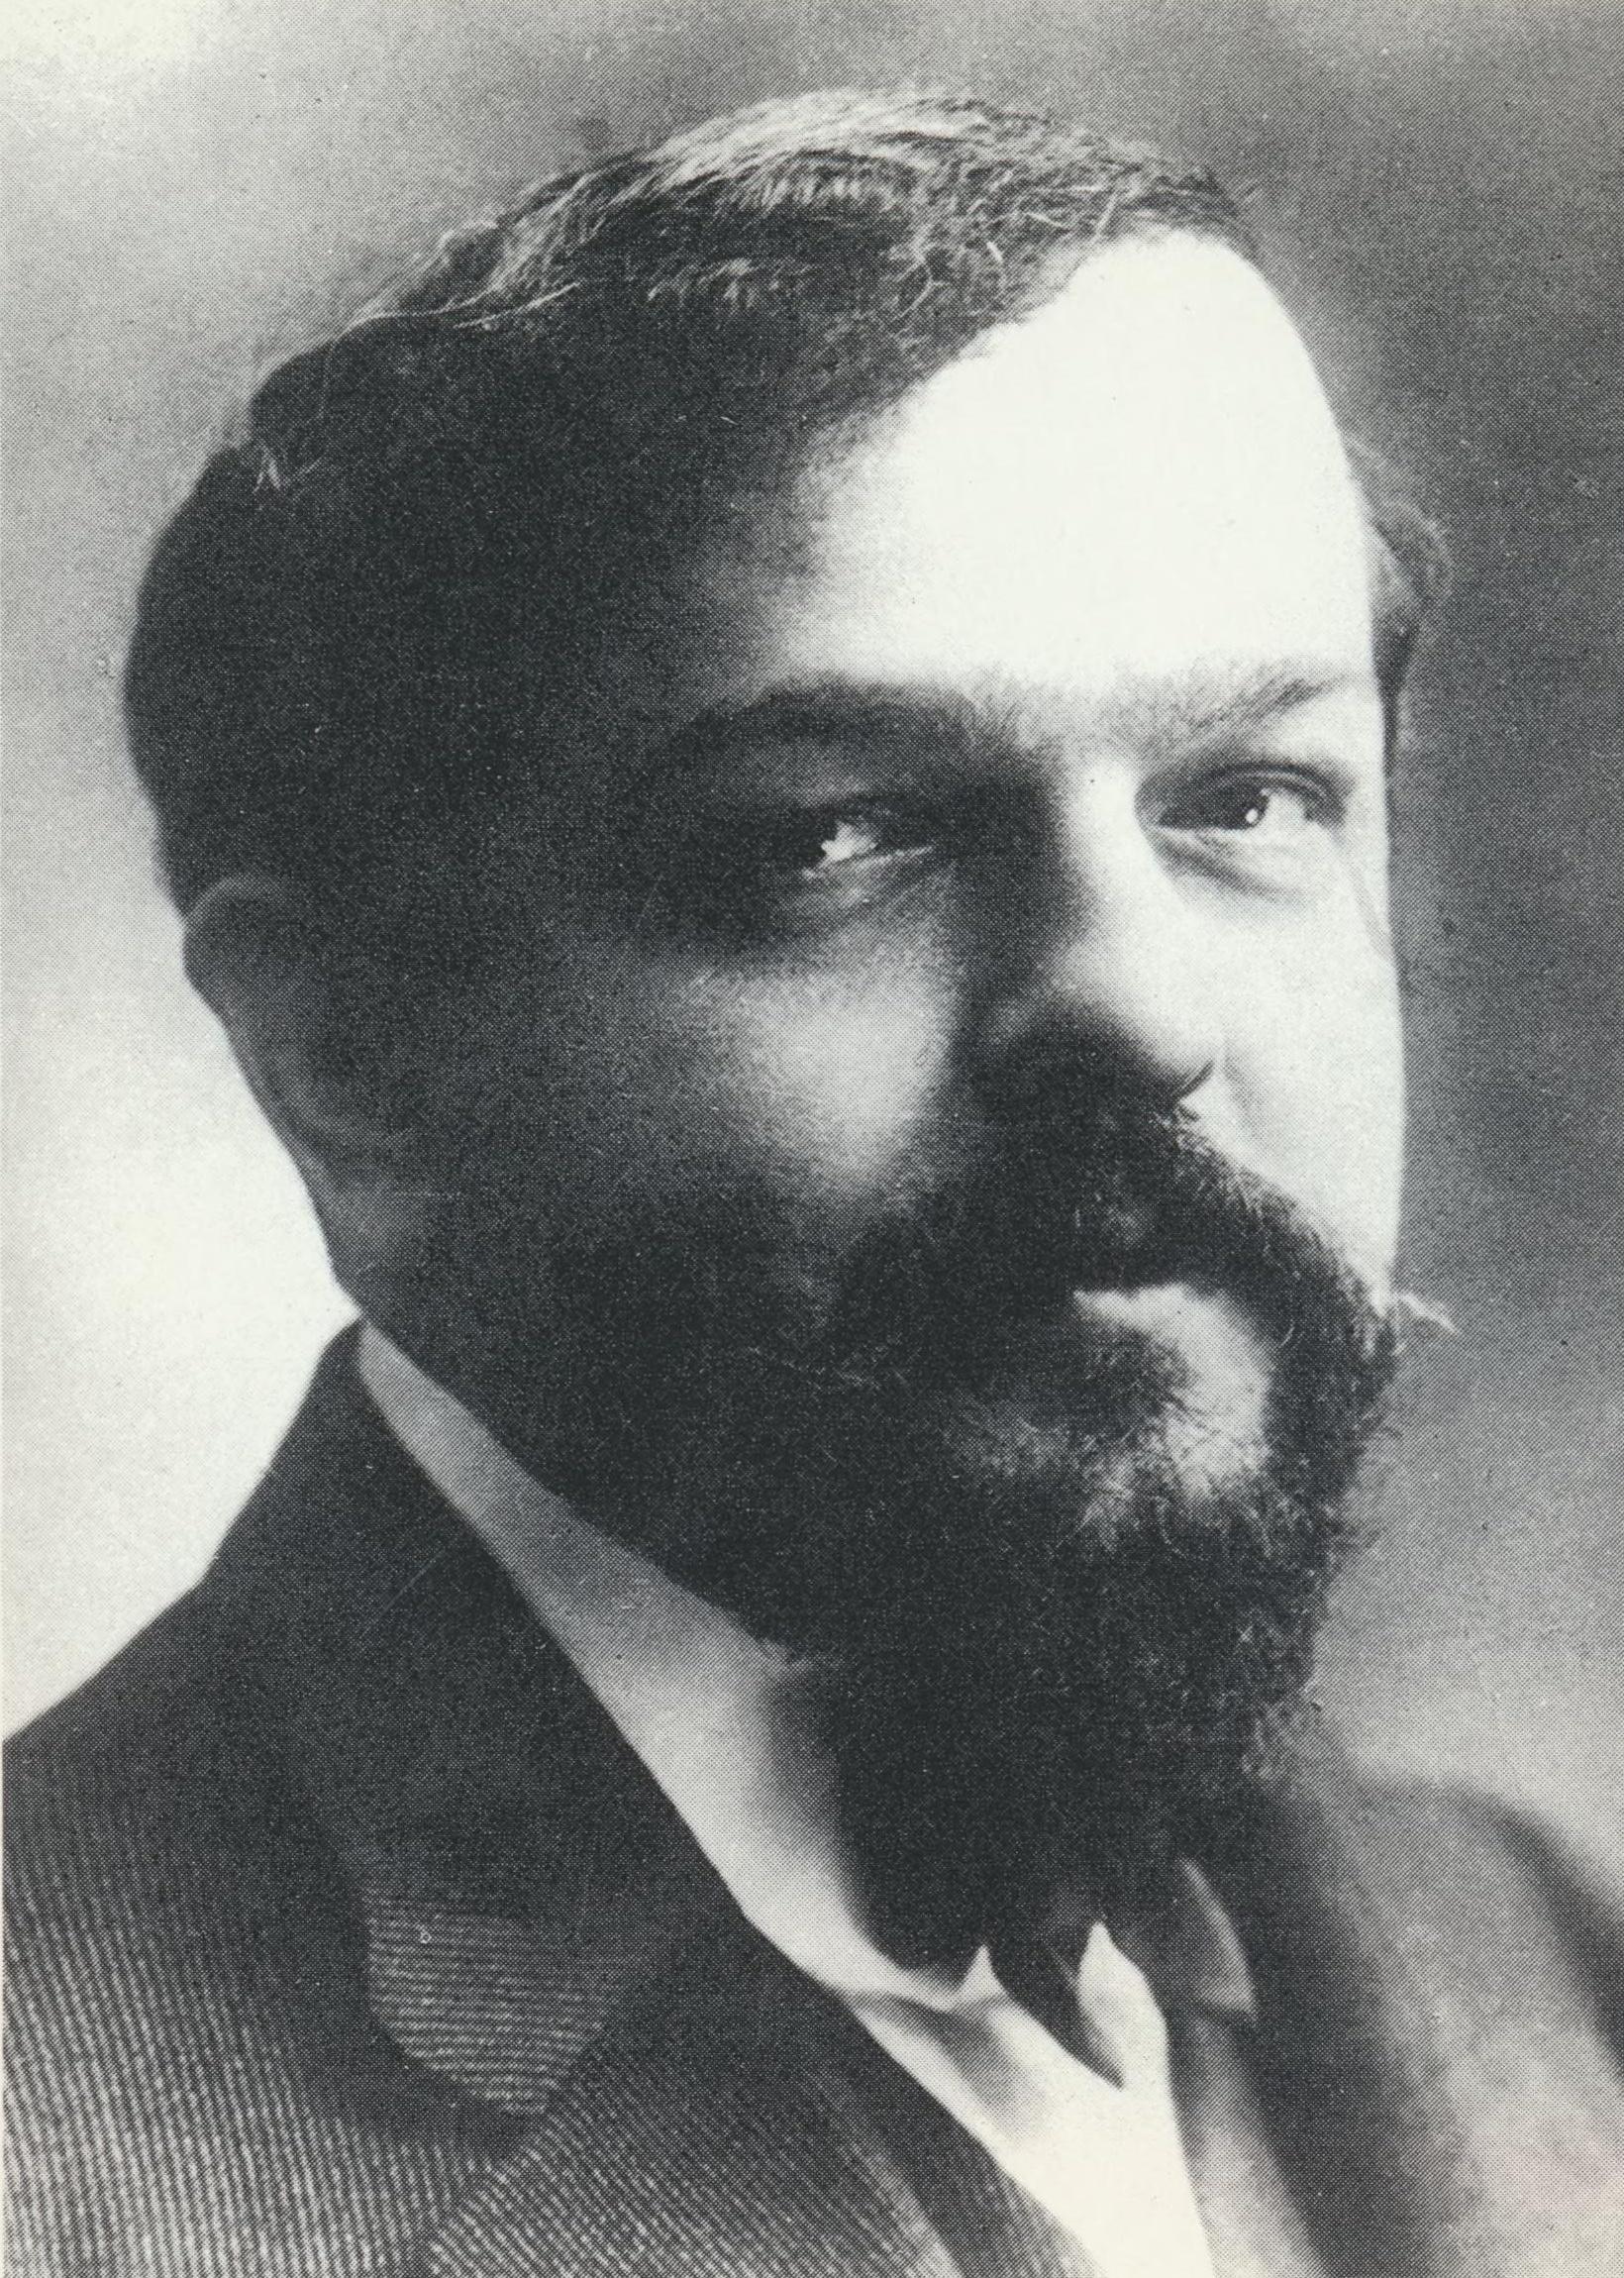 Claude DEBUSSY, un portrait fait par NADAR vers 1908, Cliquer sur la photo pour une vue agrandie et quelques infos